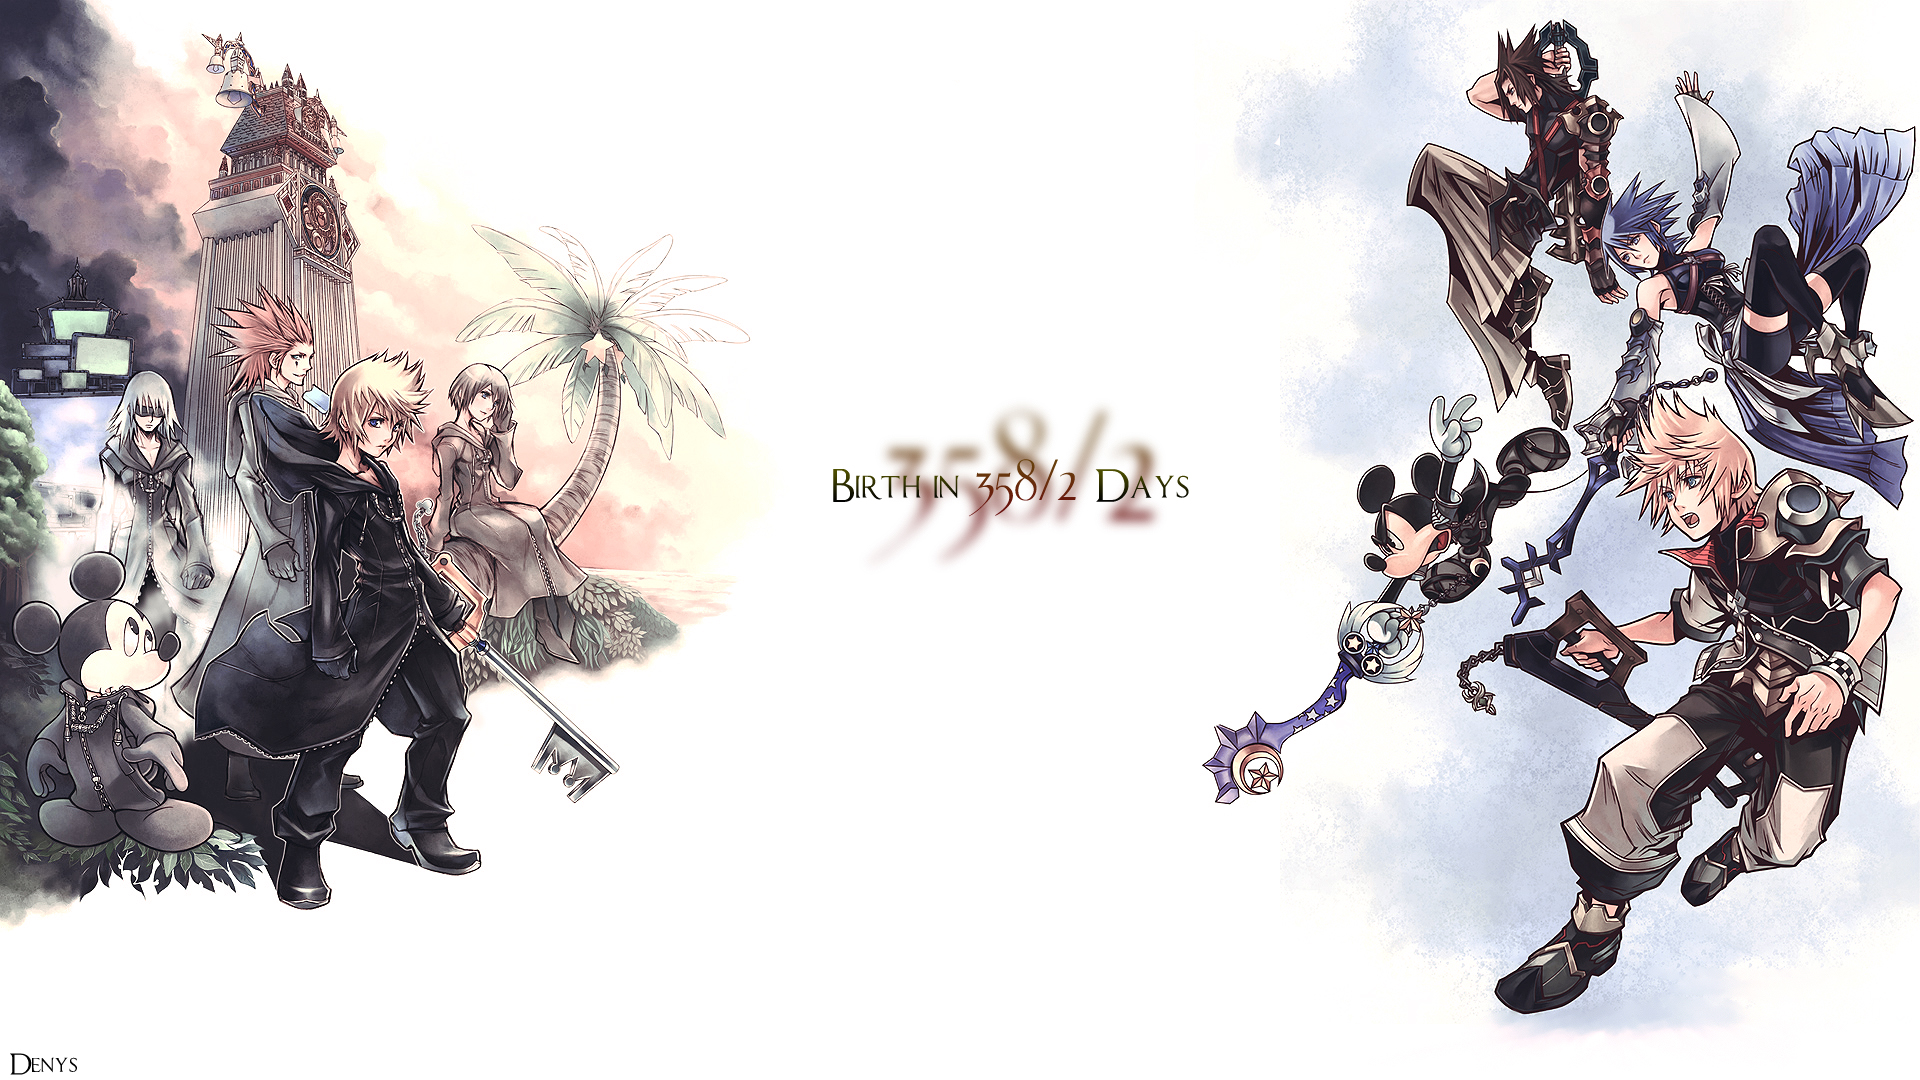 Kingdom Hearts 358 2 Days Wallpaper Zerochan Anime Image Board